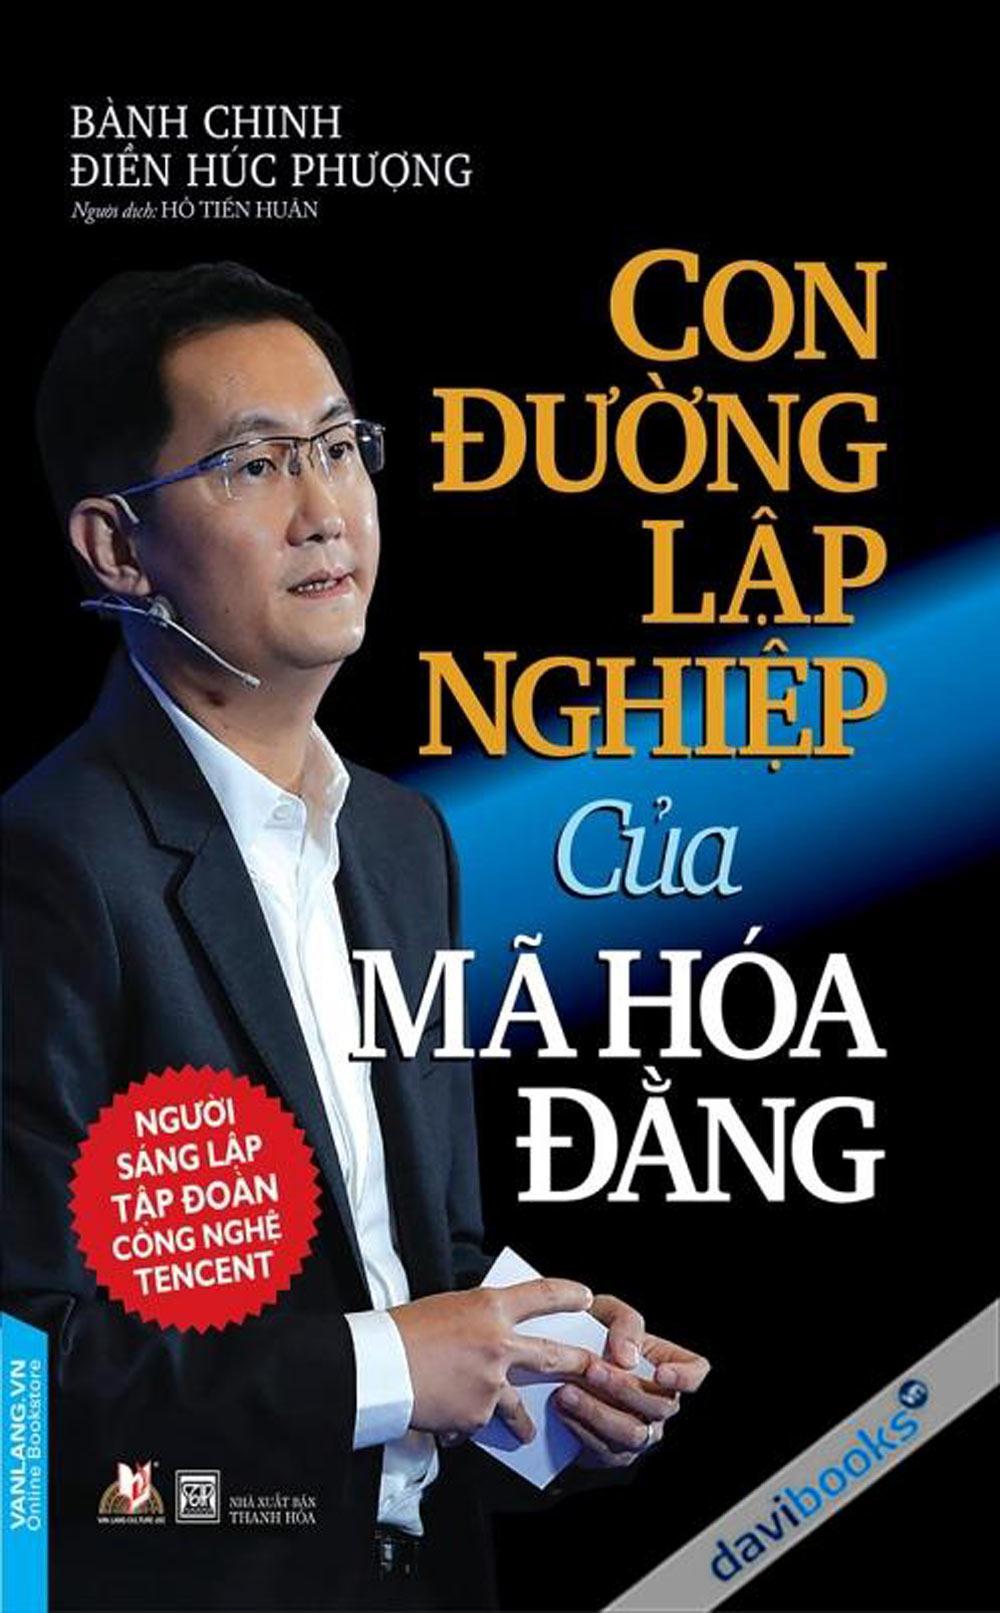 Con Đường Lập Nghiệp Của Mã Hóa Đằng - EBOOK/PDF/PRC/EPUB